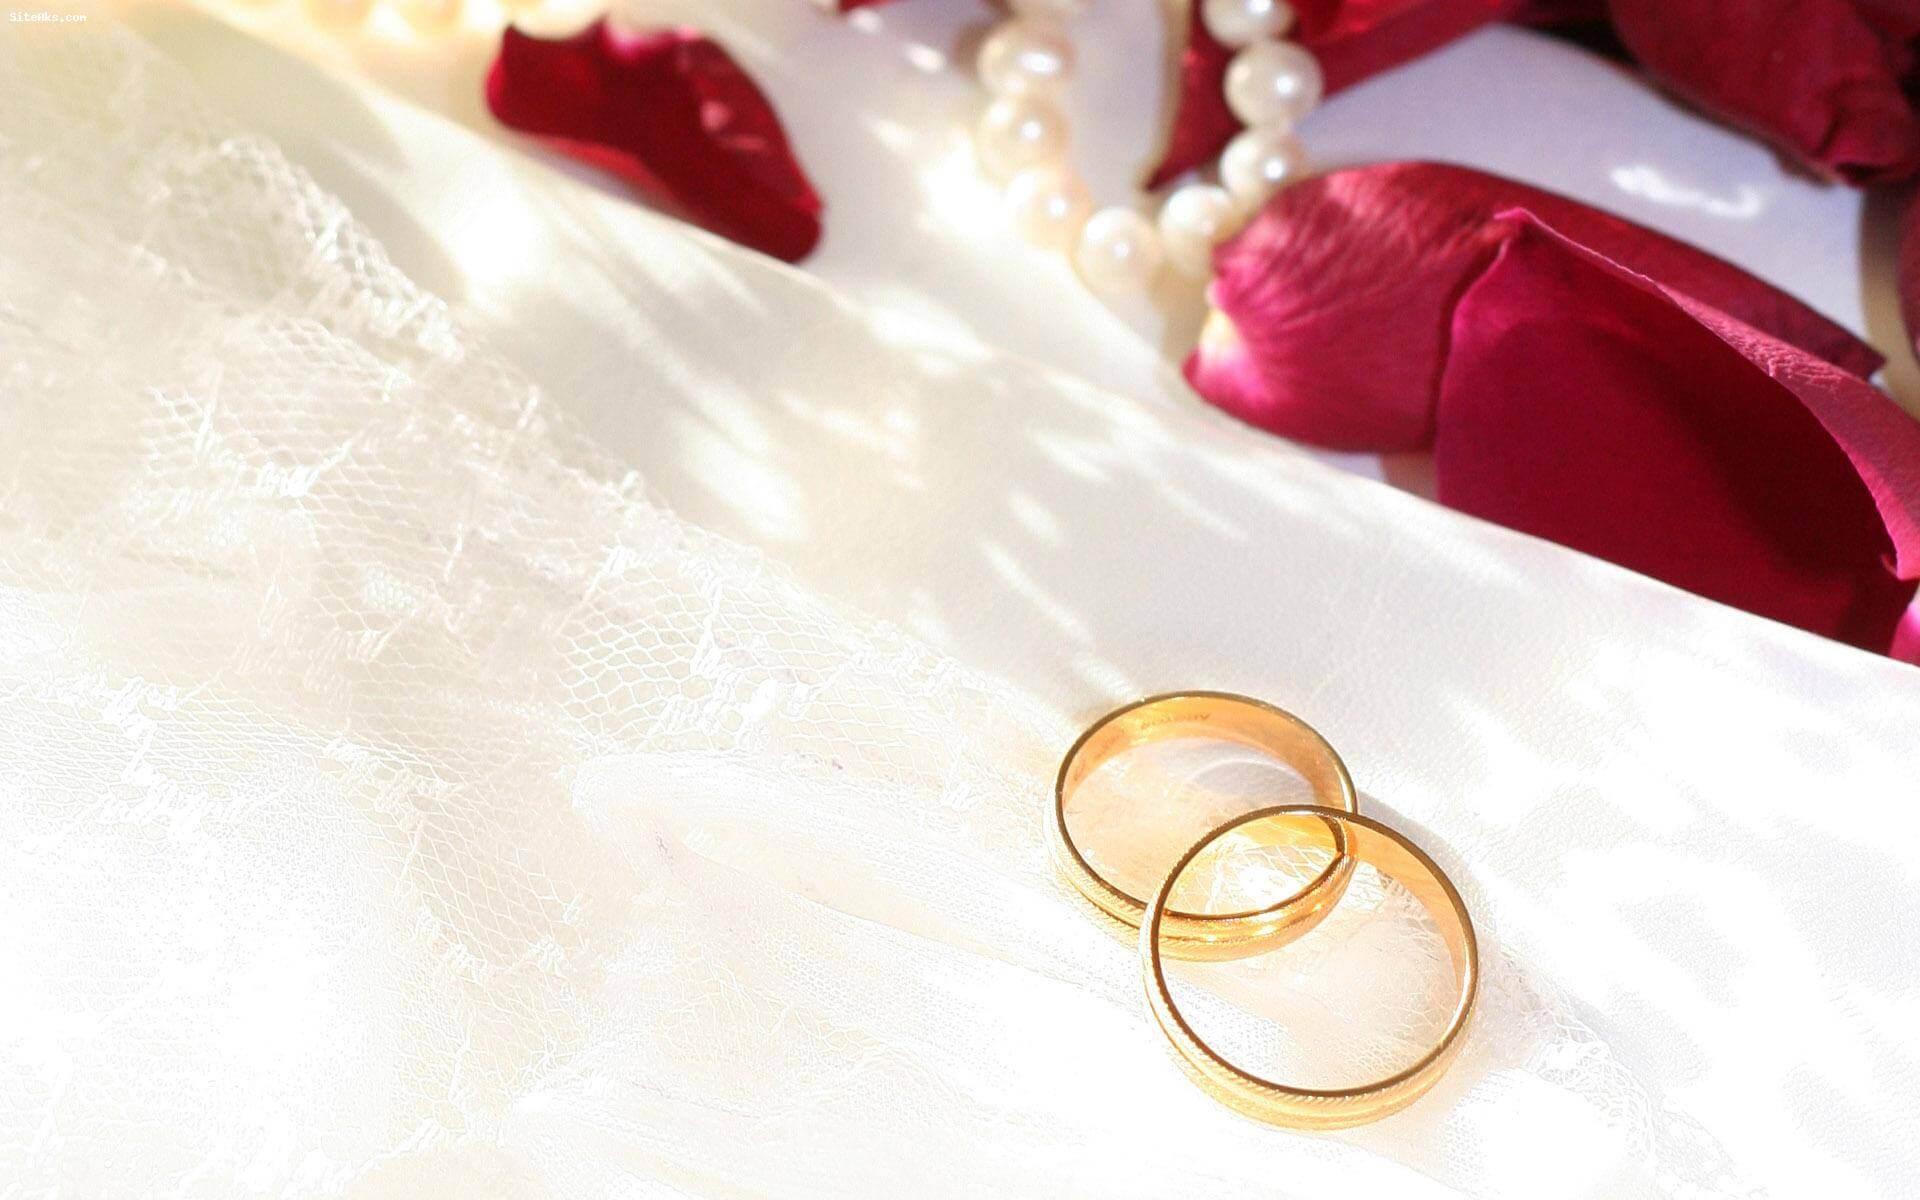 اصرار مردان به ازدواج با زنان کوچکتر